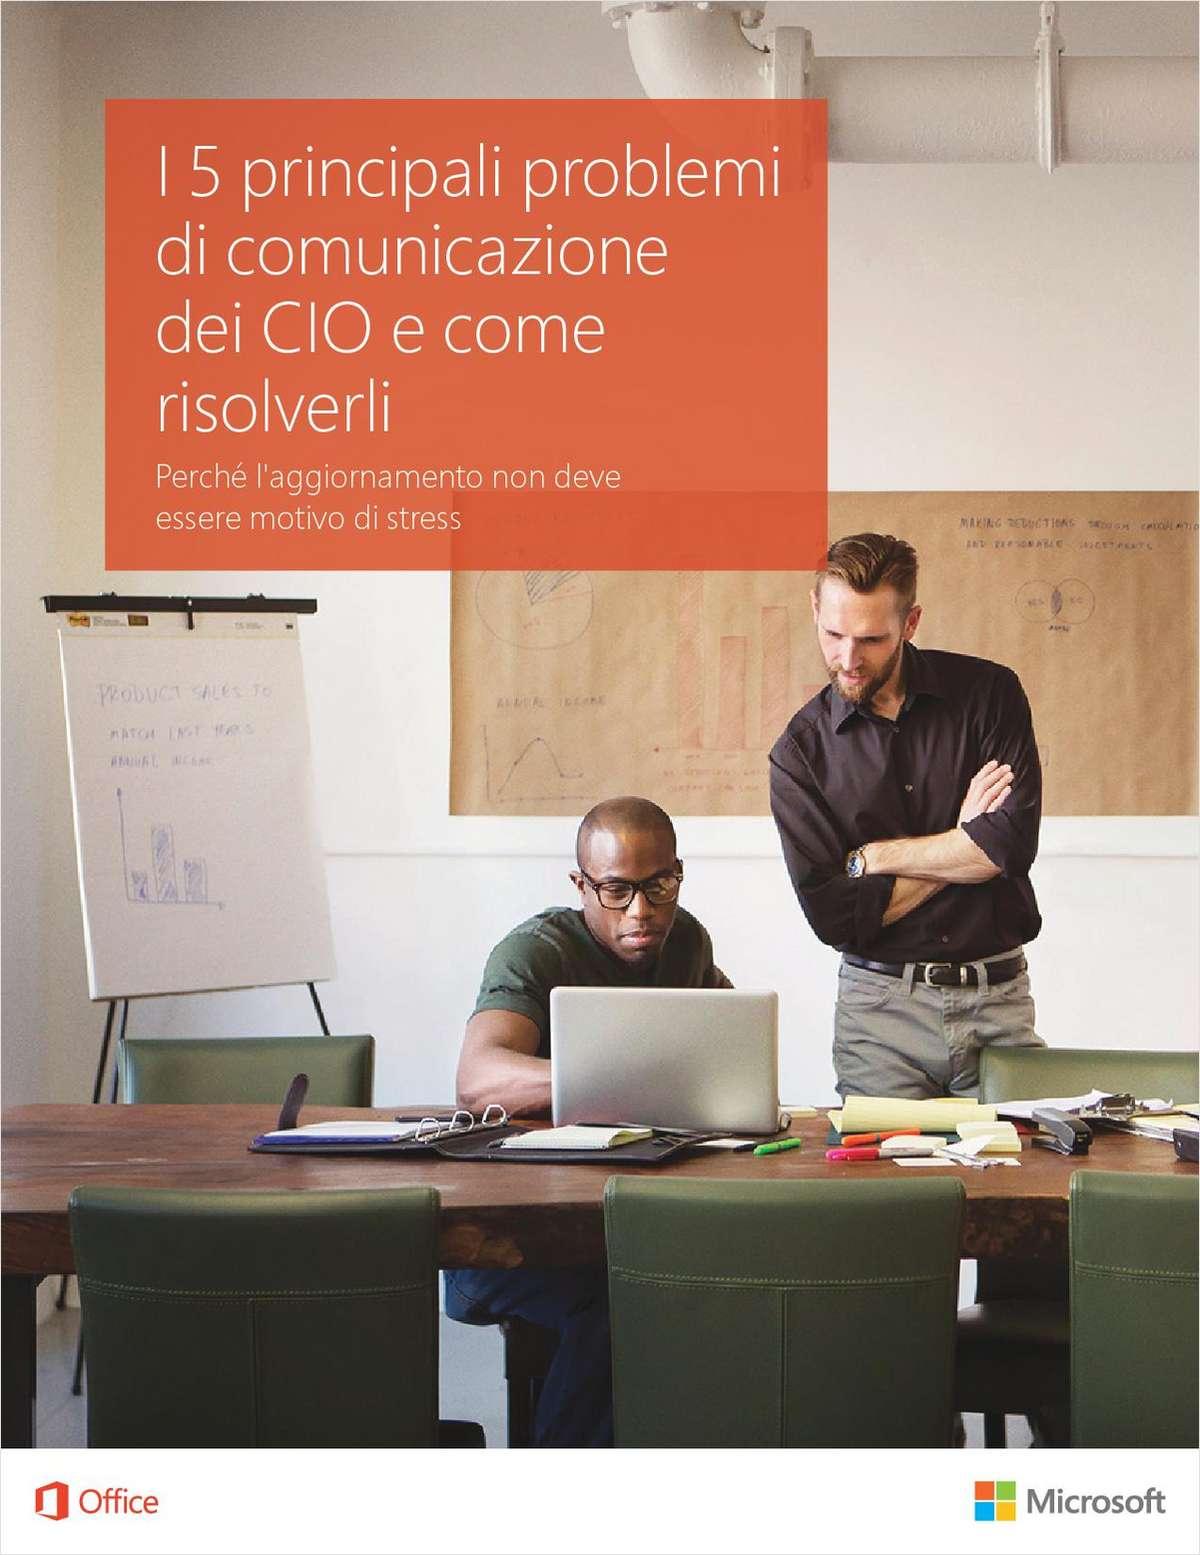 I 5 principali problemi di comunicazione dei CIO e come risolverli